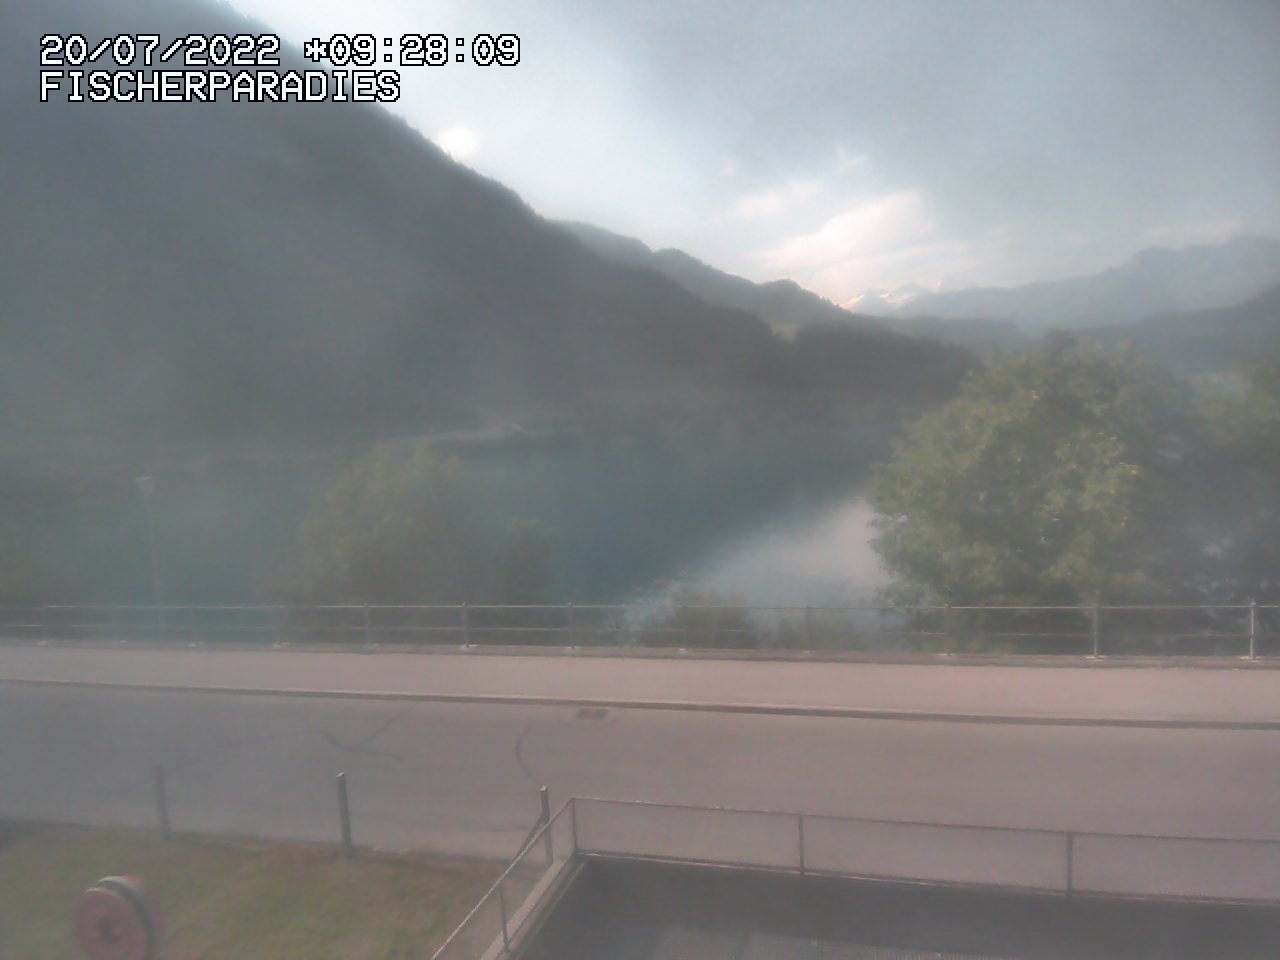 Webcam Fischerparadies